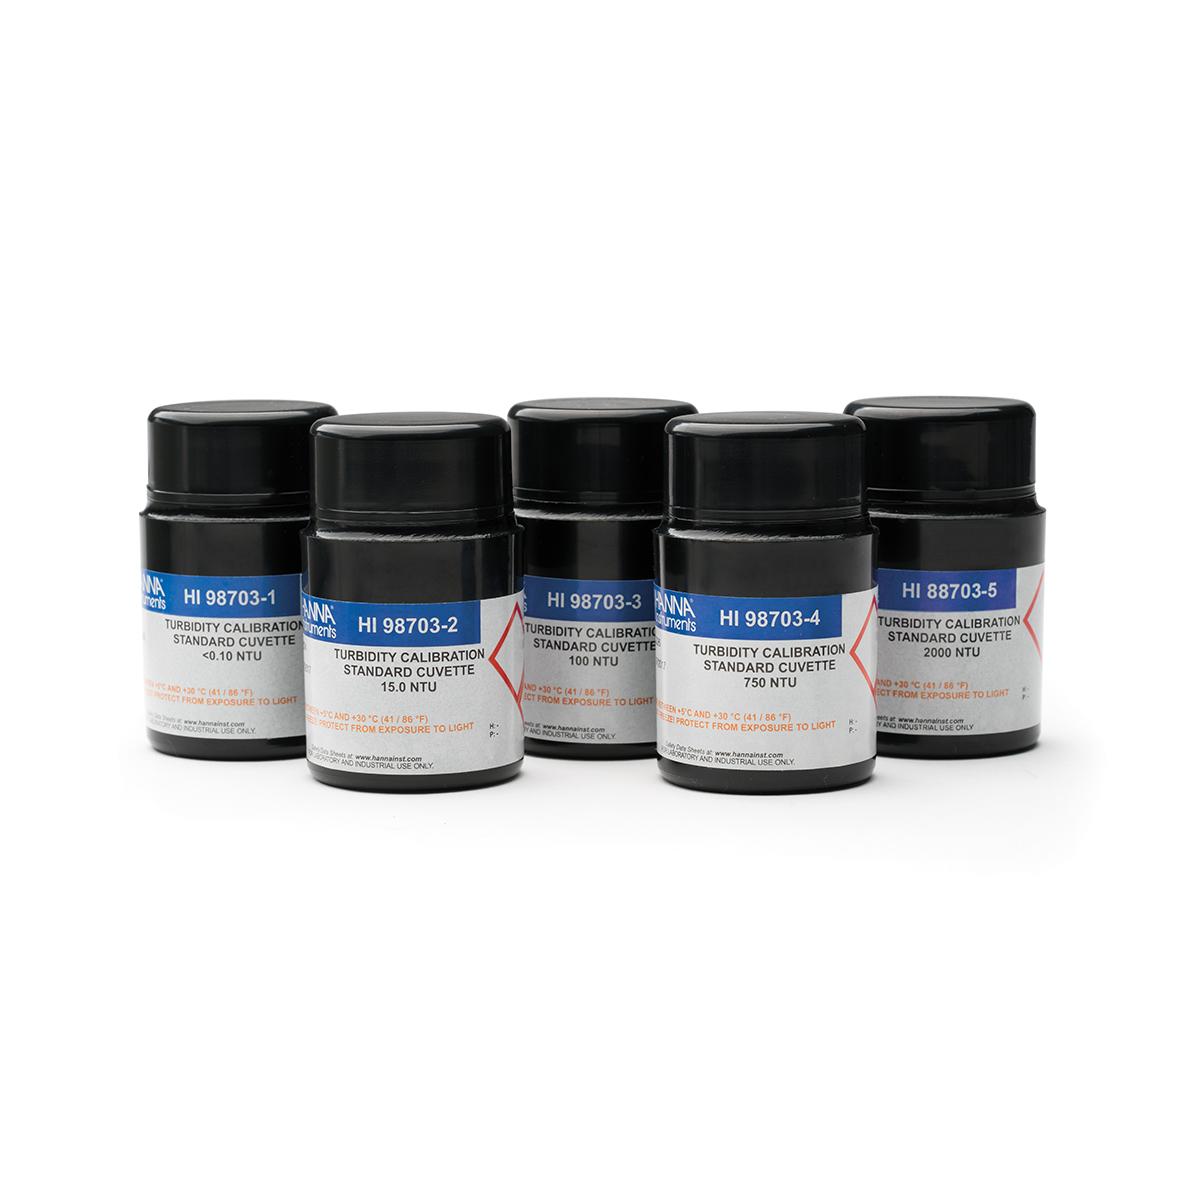 reagents-hi88703-11